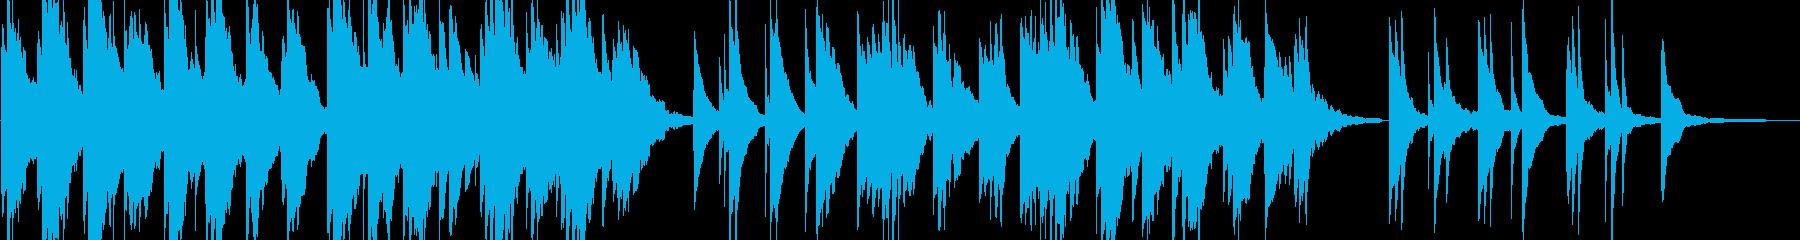 企業VP15 24bit44kHzVerの再生済みの波形